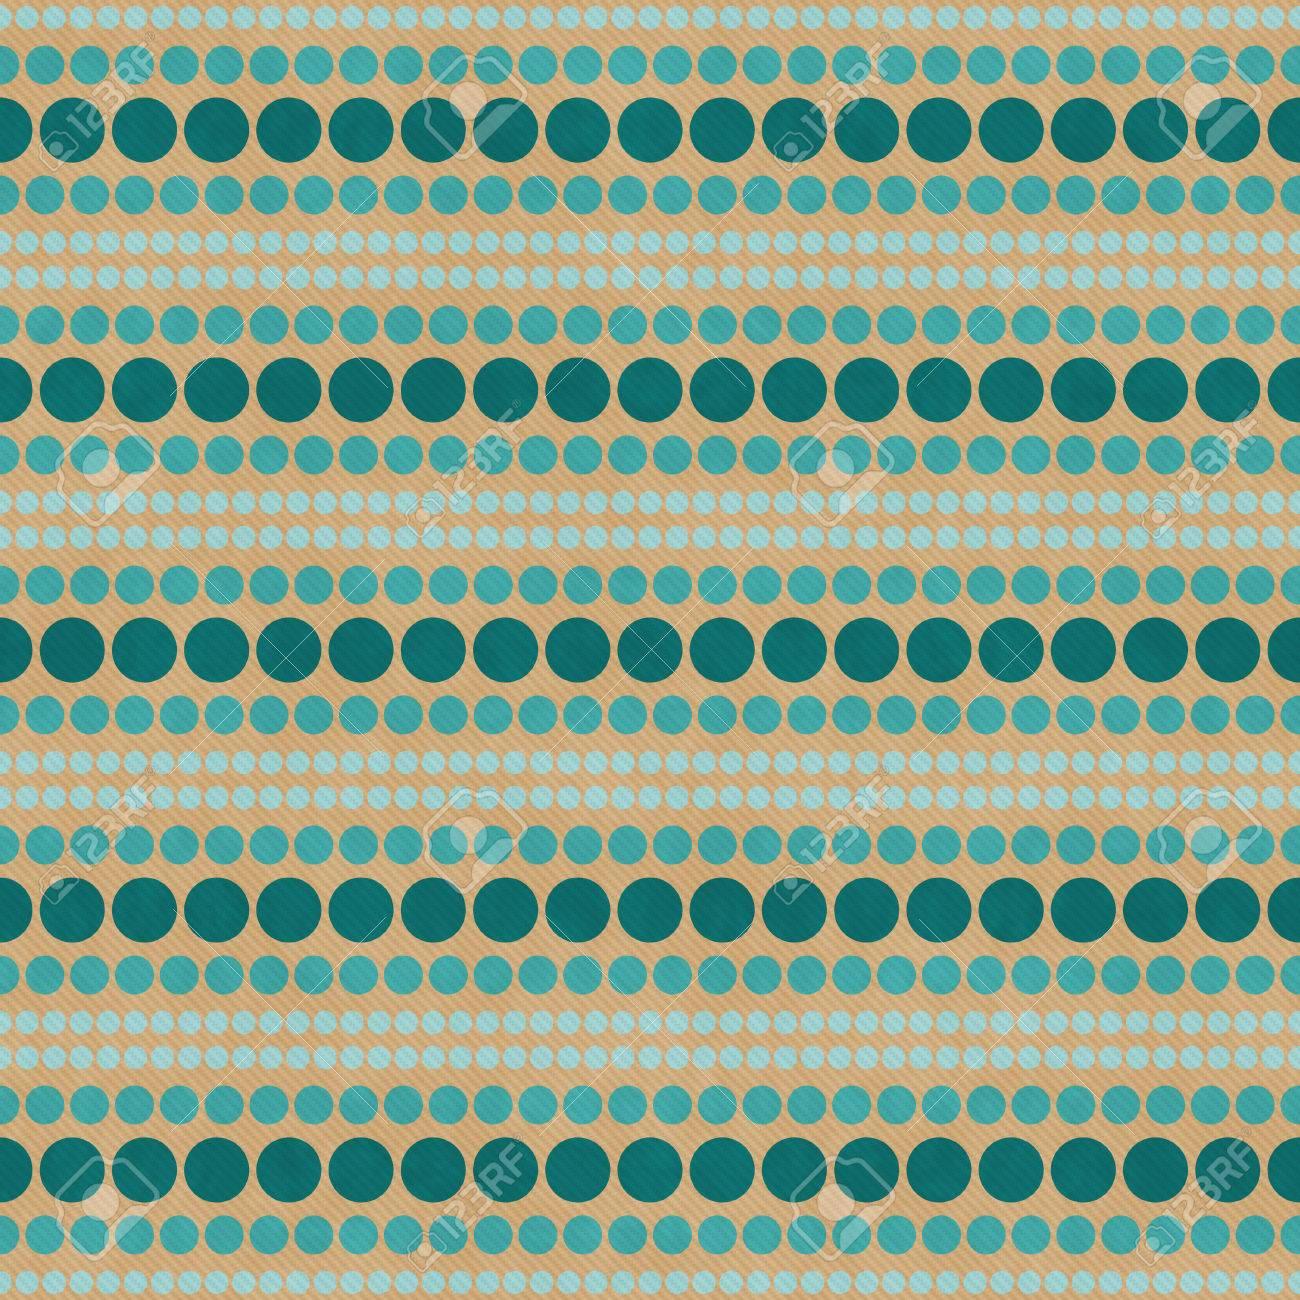 Grün Und Beige Pol Abstrakten Design Fliesen Muster Wiederholen Hintergrund  Standard Bild